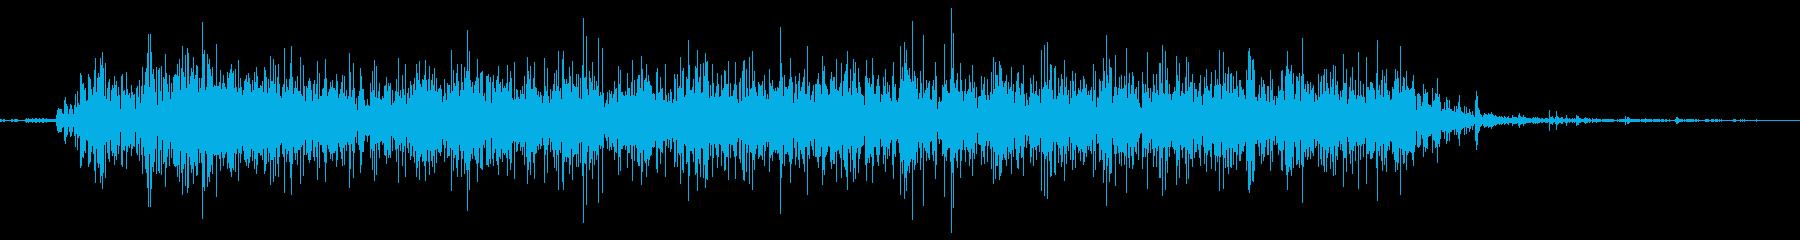 スーッ。スプレーを噴射する音の再生済みの波形